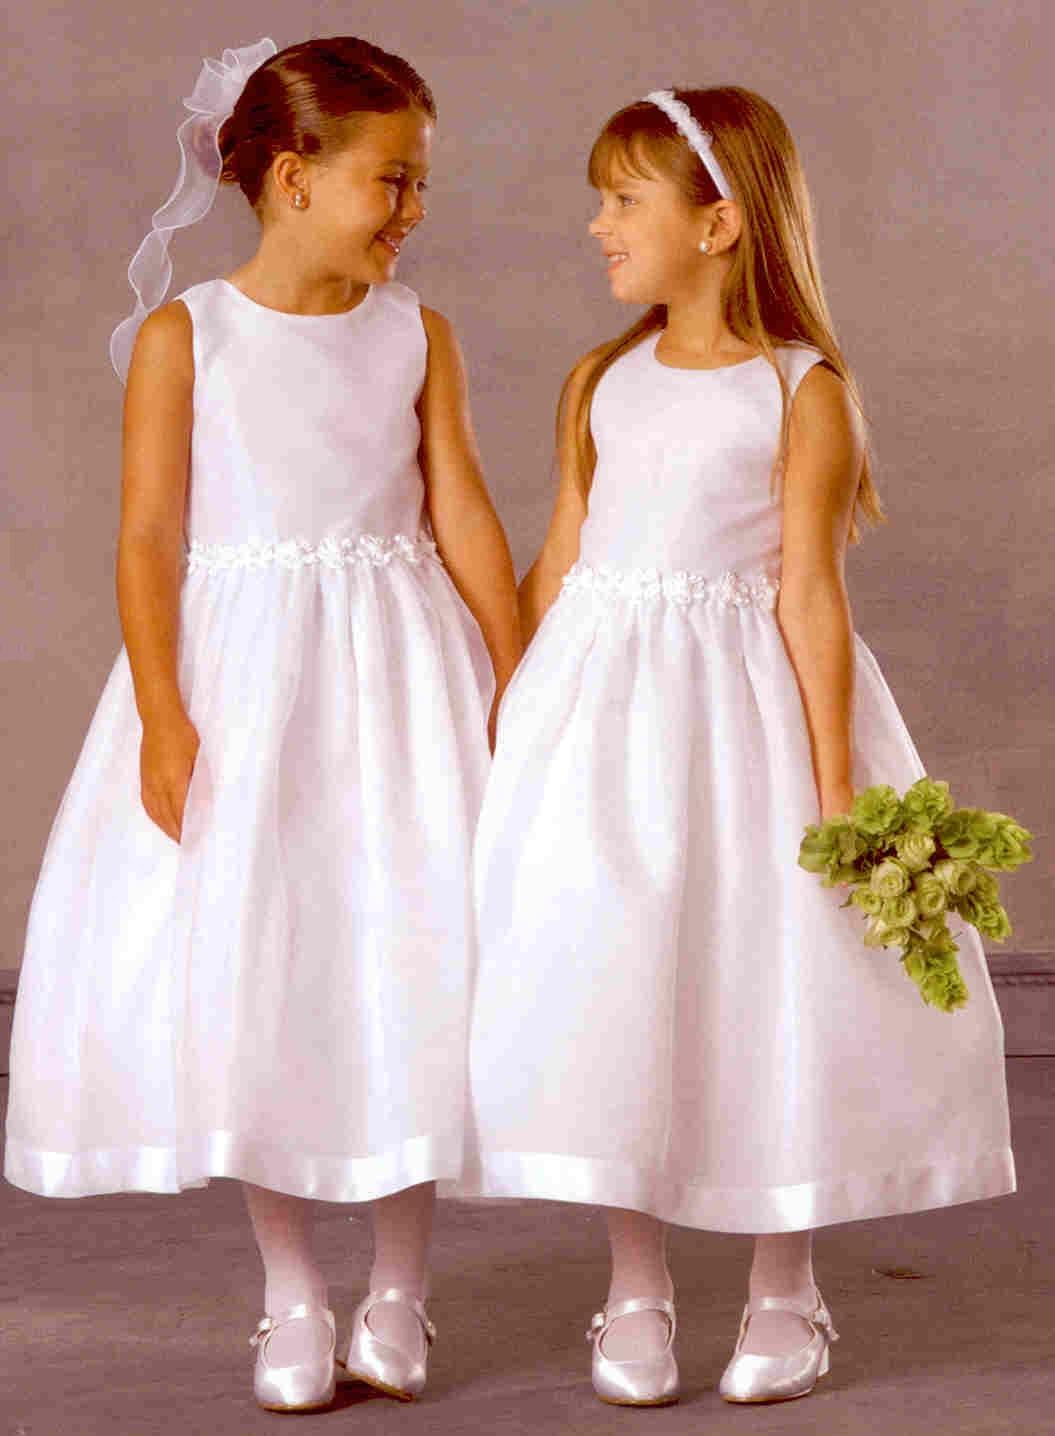 Flower girls dress wedding inspiration trends for Flower girls wedding dresses